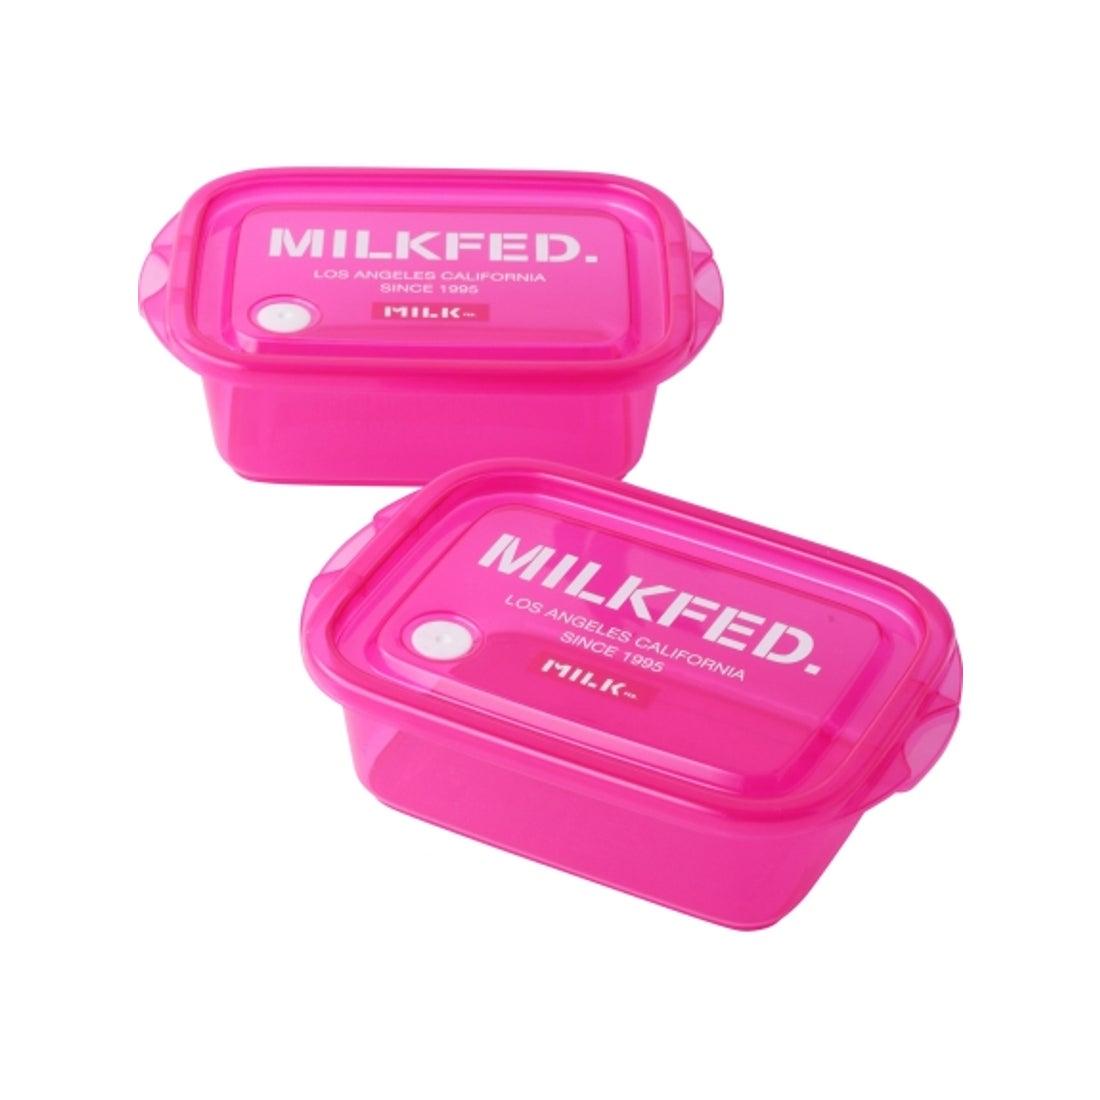 ロコンド 靴とファッションの通販サイト【LIFE STYLE】MILKFED. PLASTIC CONTAINER (ピンク)